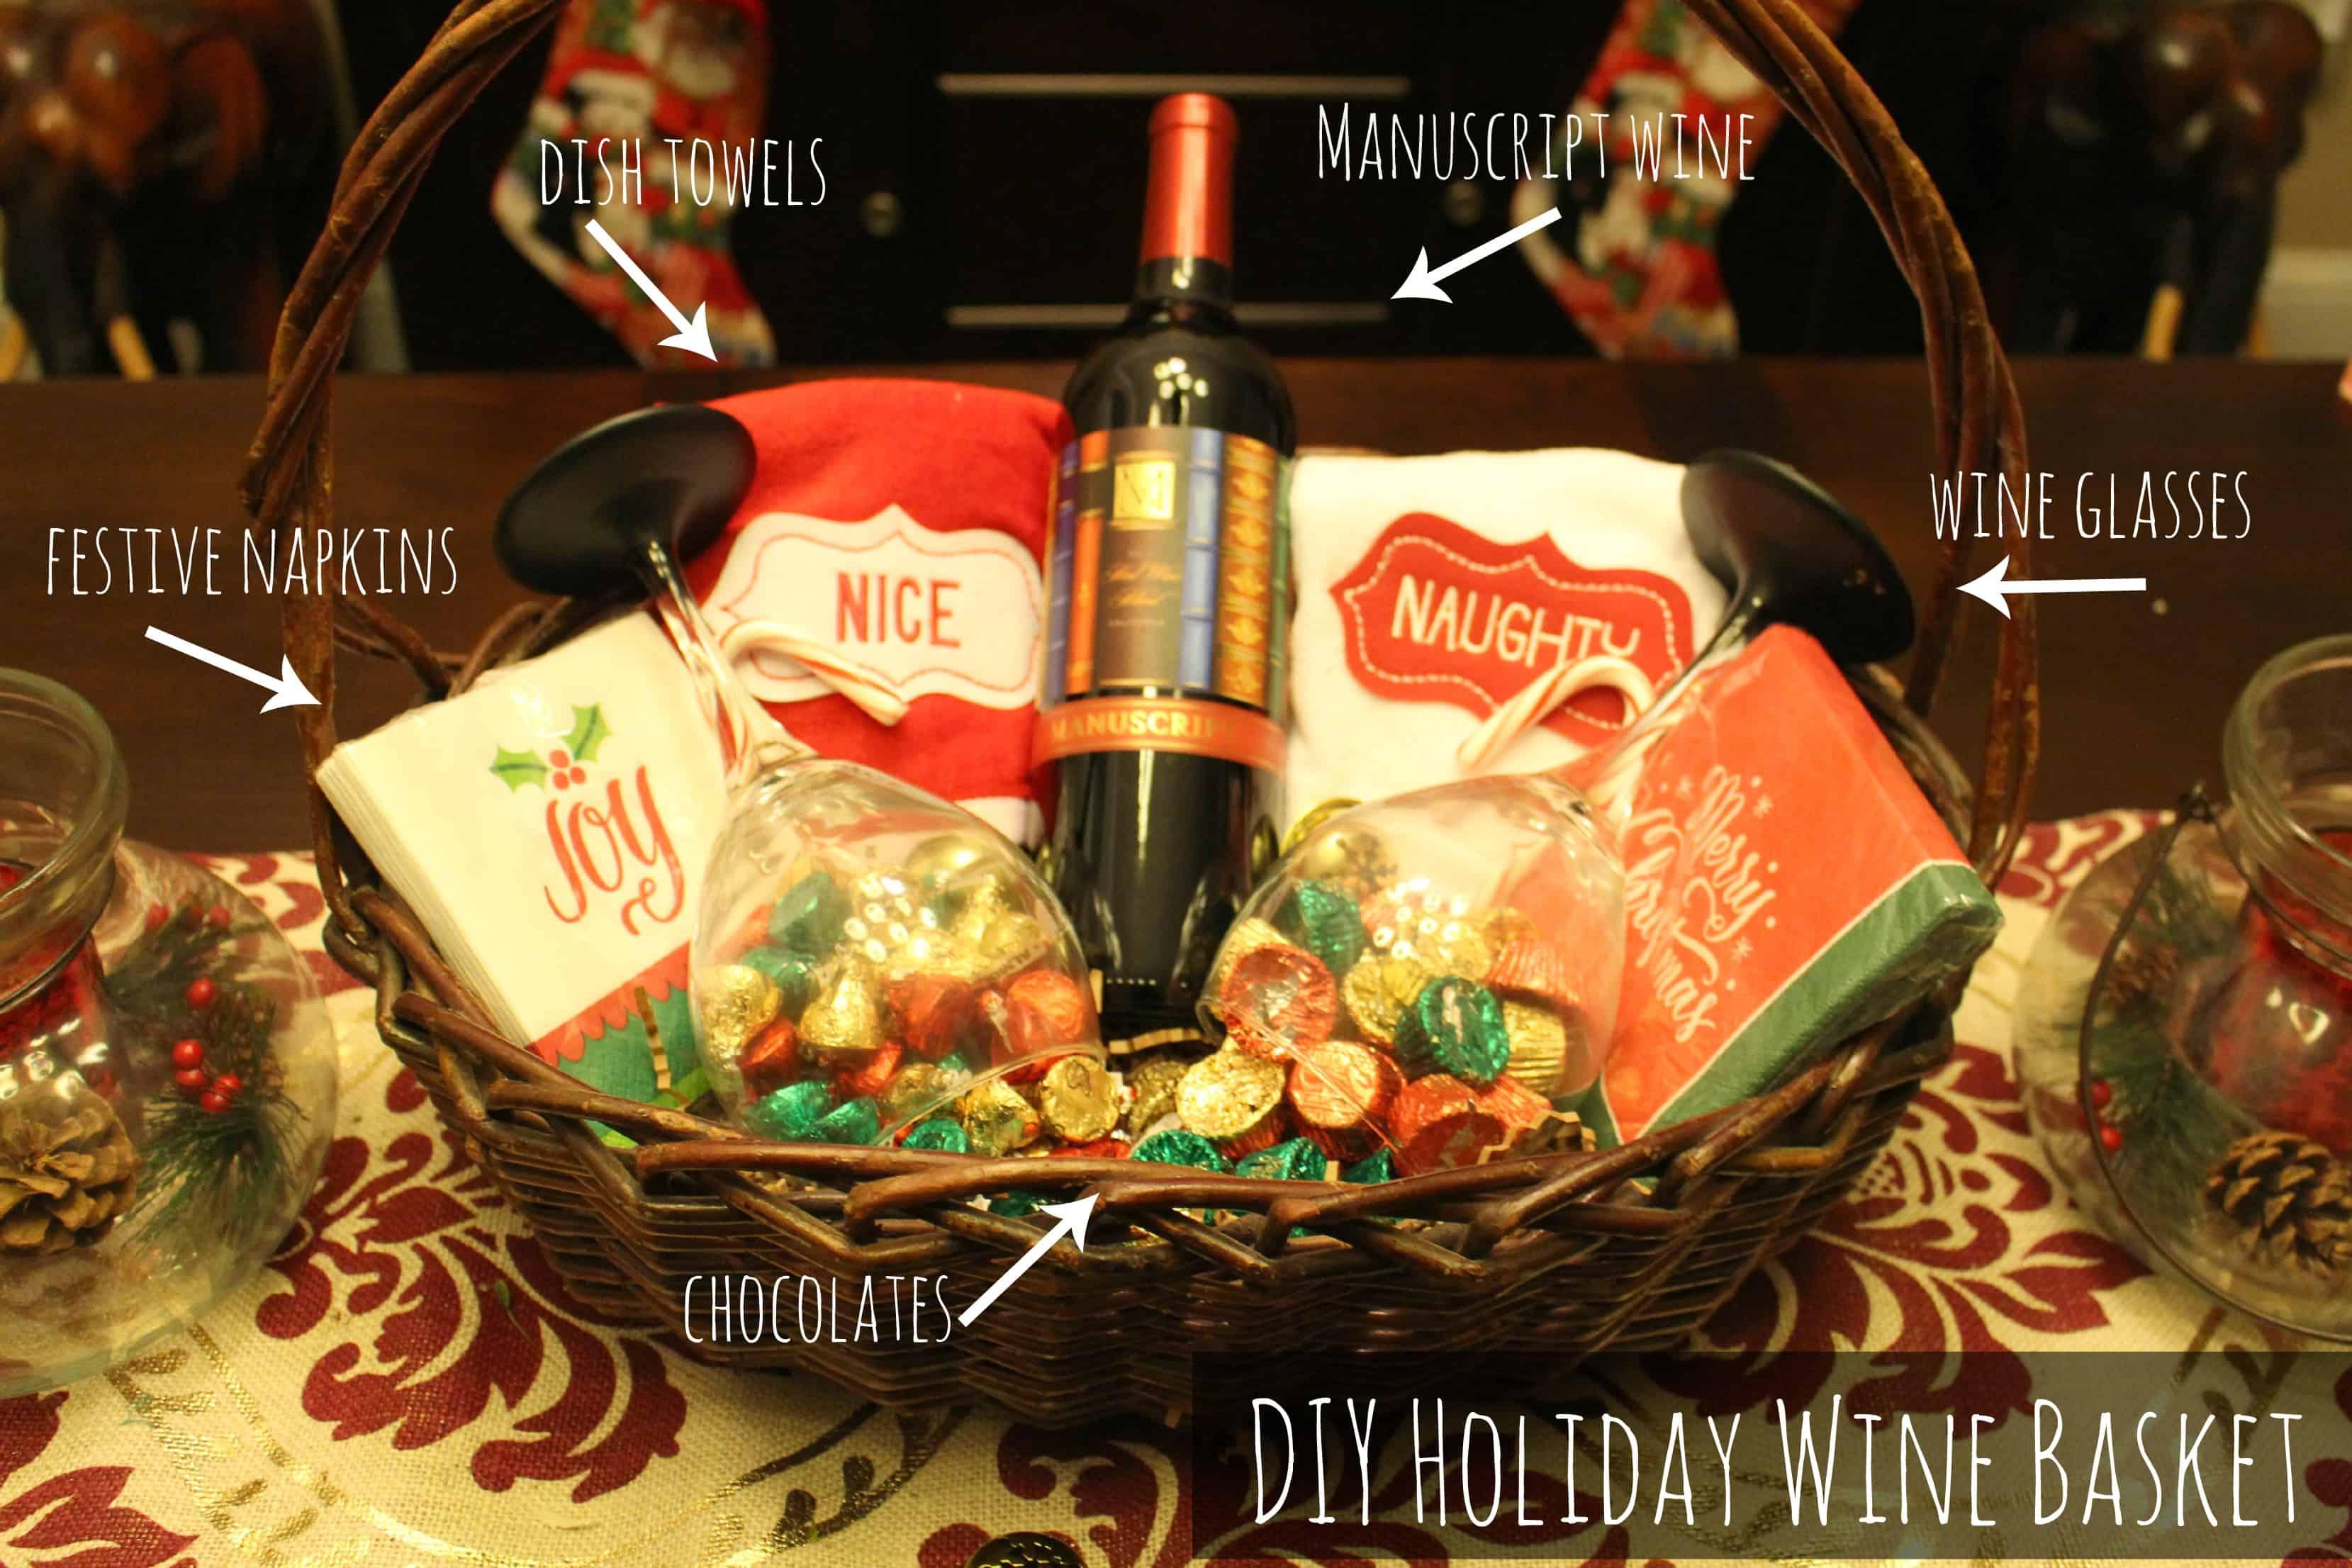 The Perfect Gift Diy Holiday Wine Basket Dallas Socials